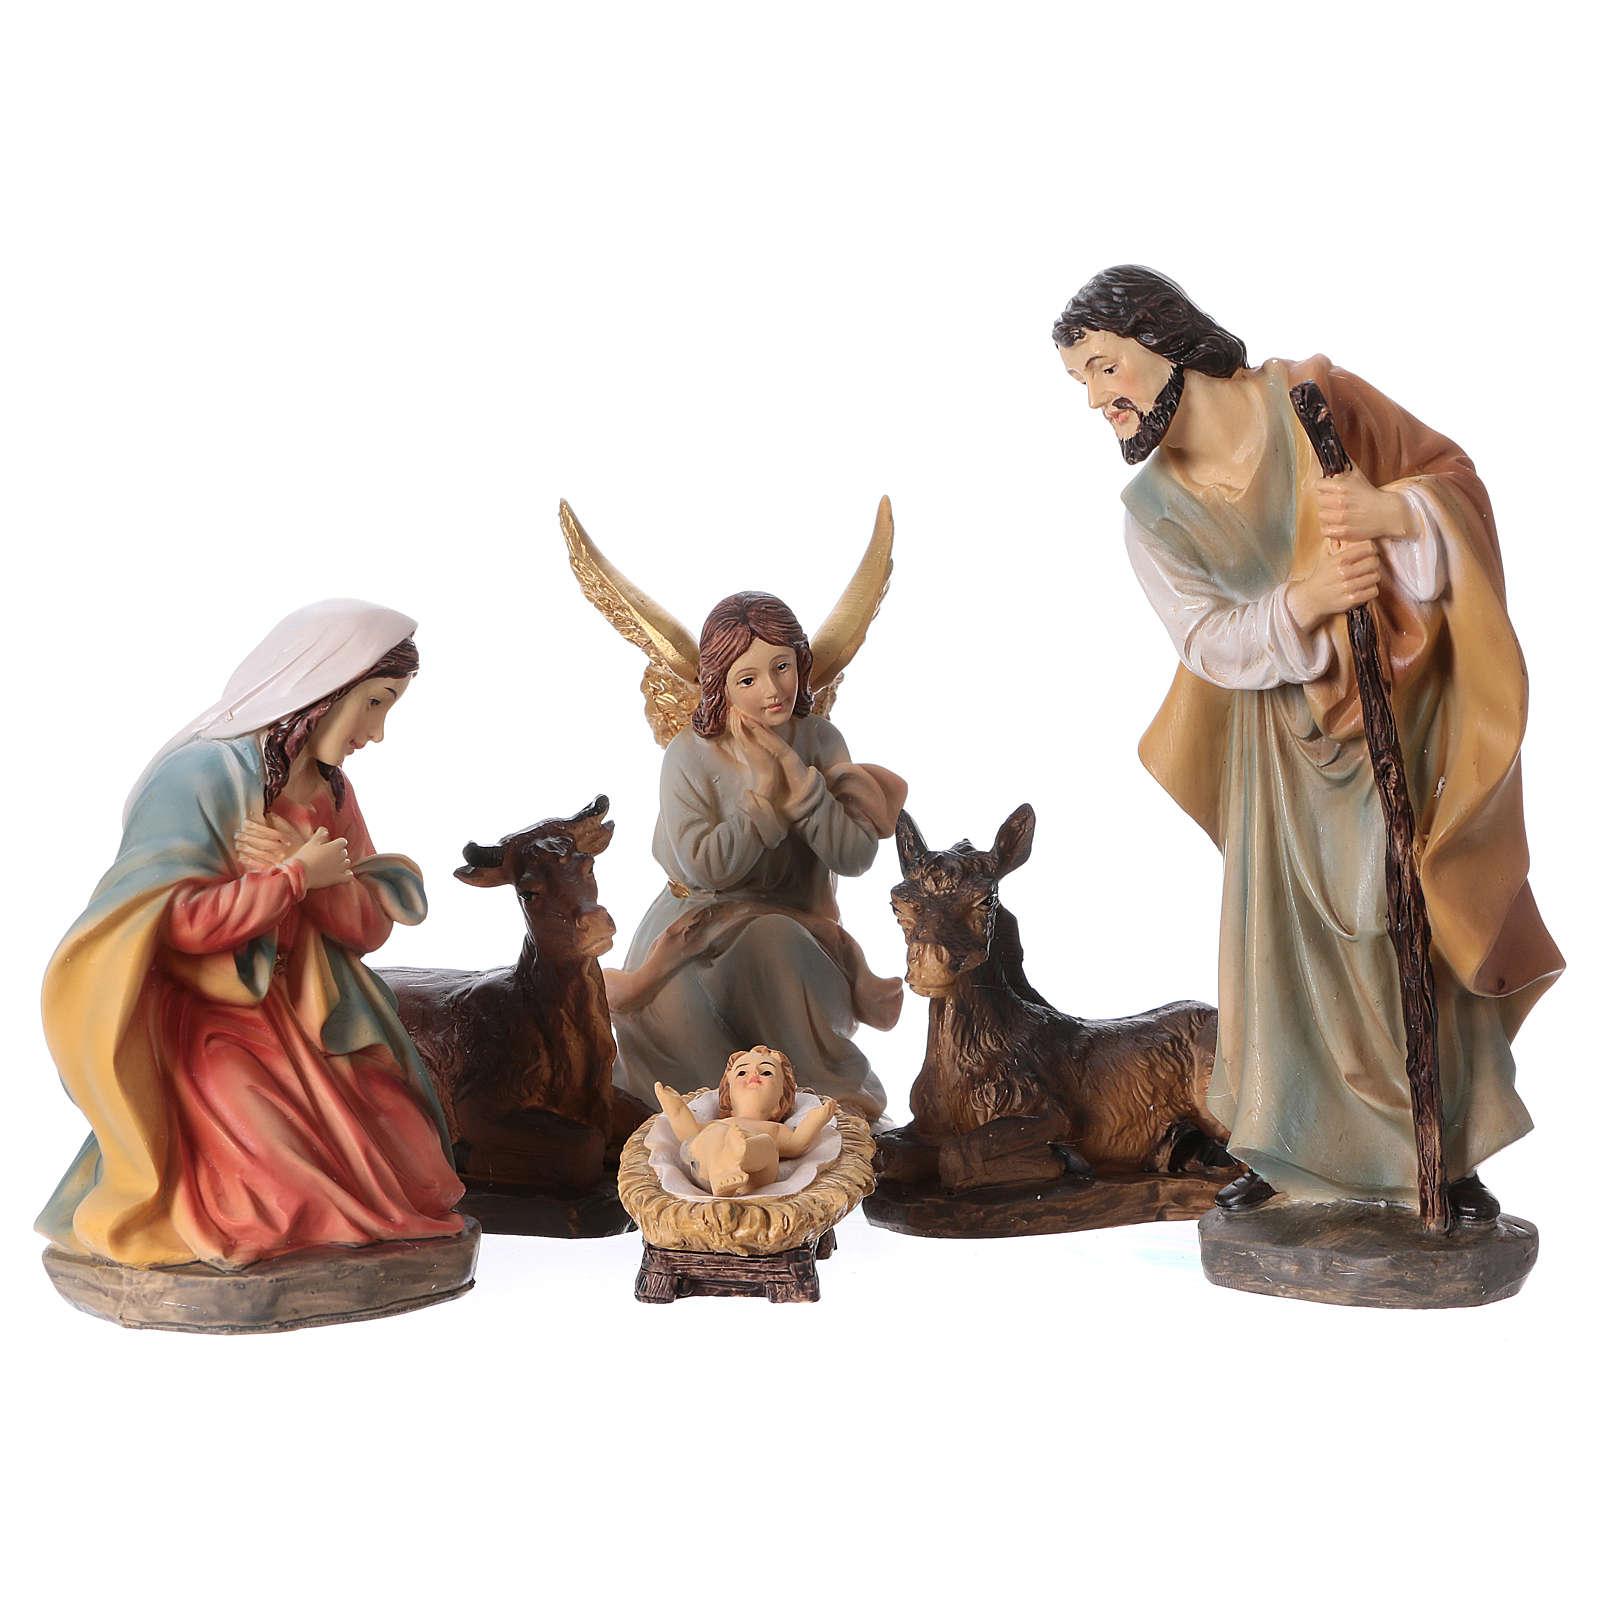 Holy Family in resin 6 pcs for Nativity scene 15 cm children's line 3